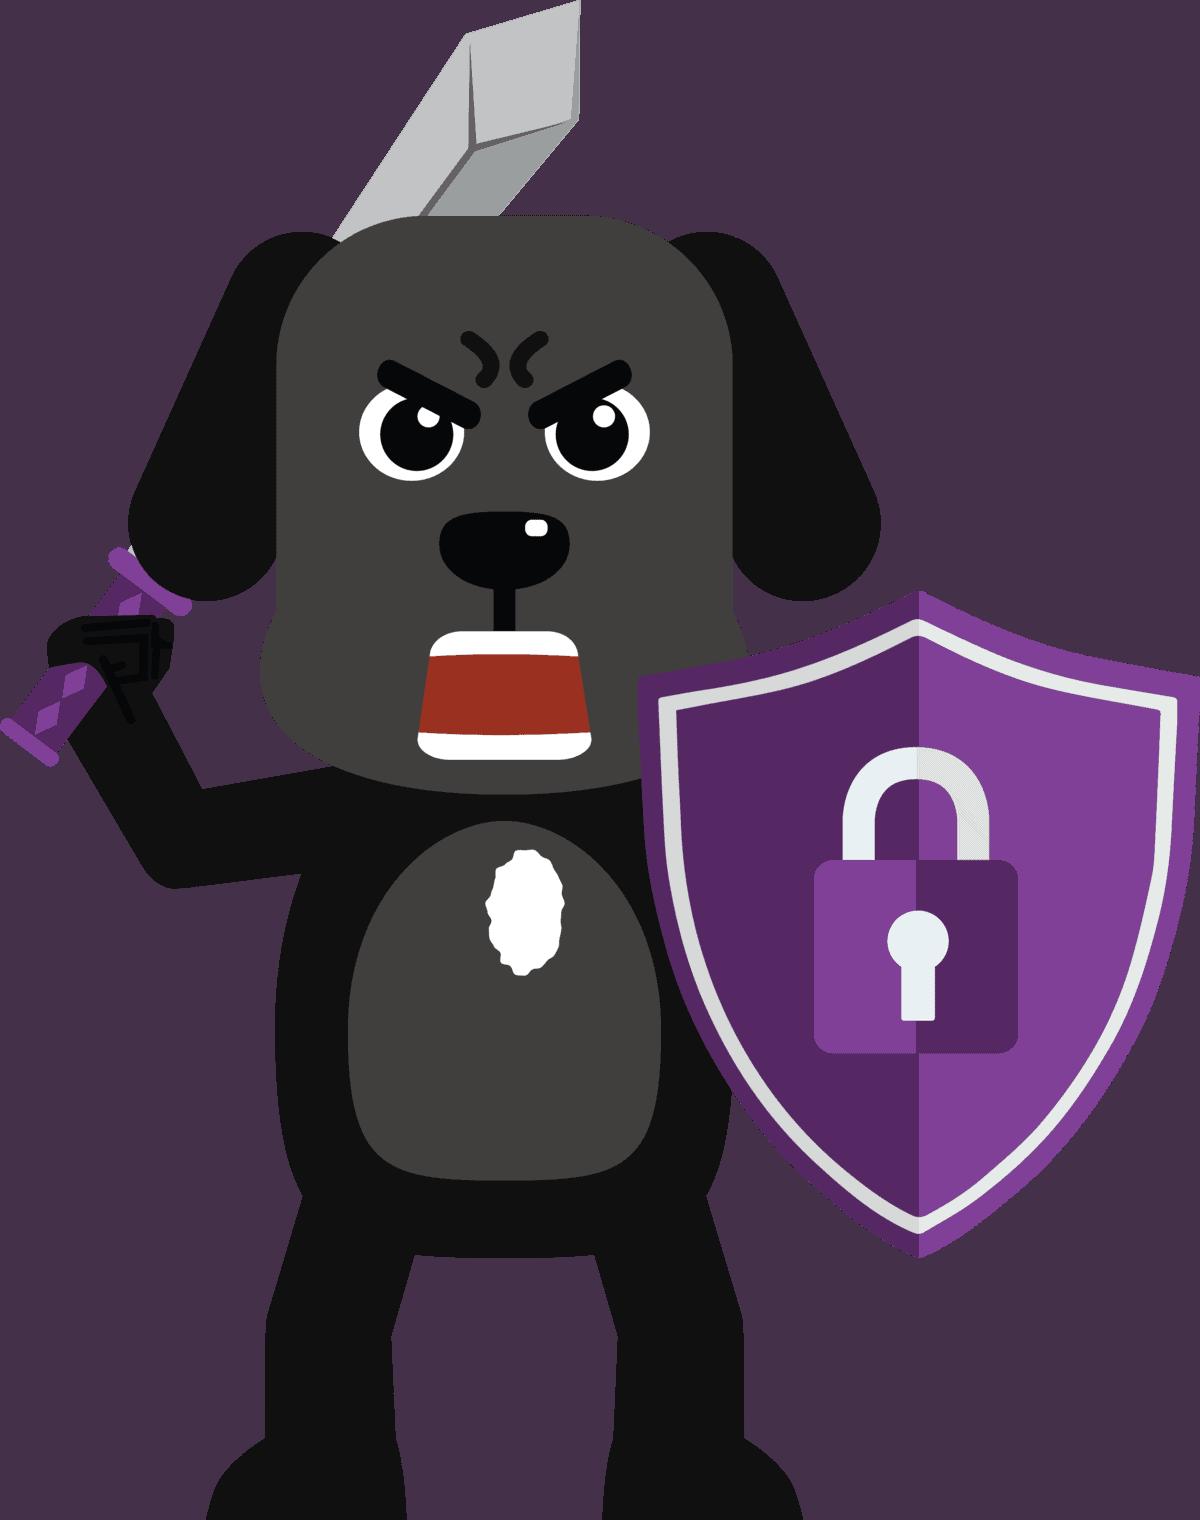 Guard-Dog-Bingo